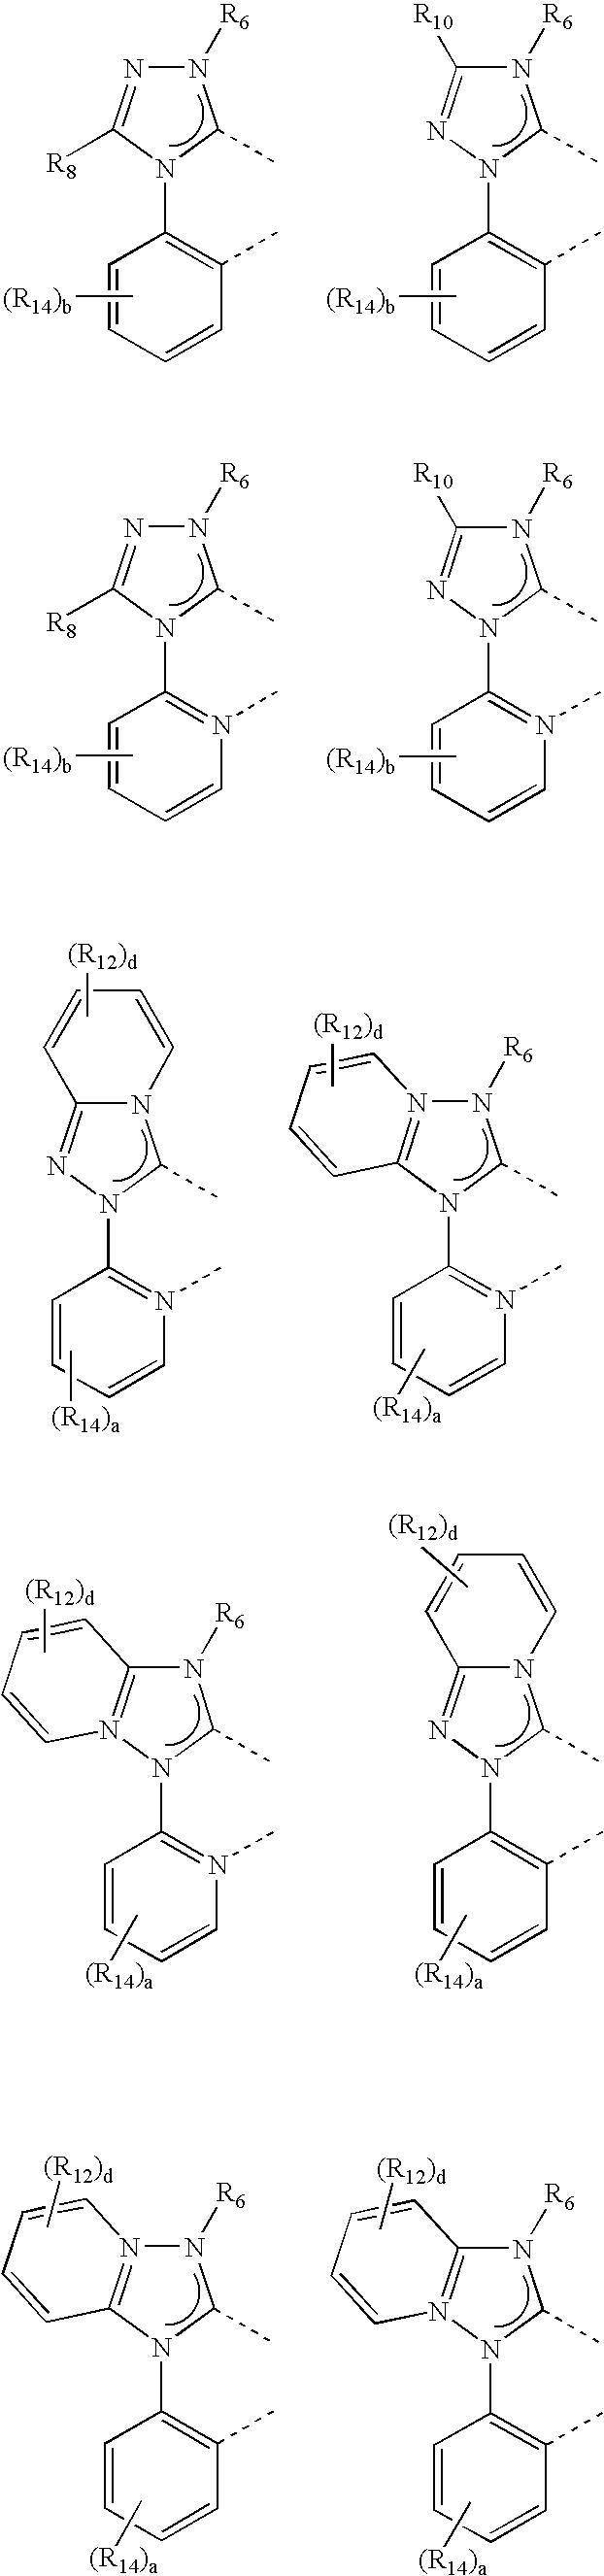 Figure US20050260441A1-20051124-C00041